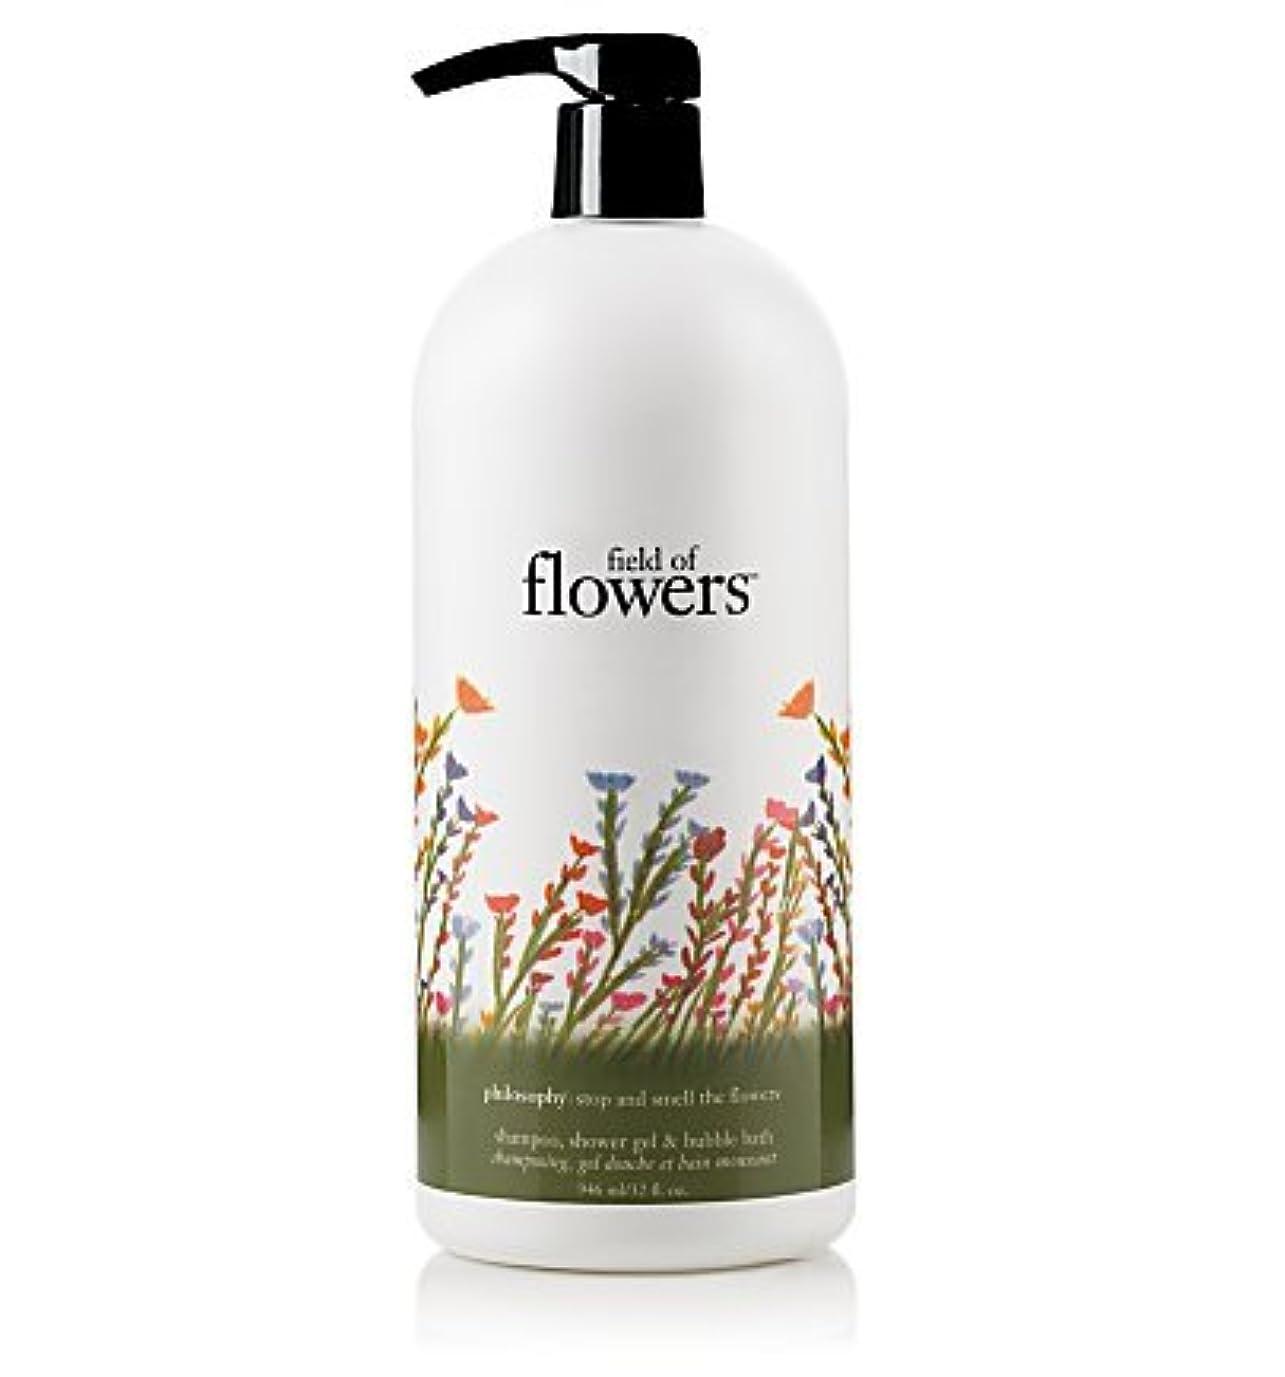 警告する商人予感field of flowers (フィールド オブ フラワーズ) 32.0 oz (960ml) shampoo, shower gel & bubble bath for Women